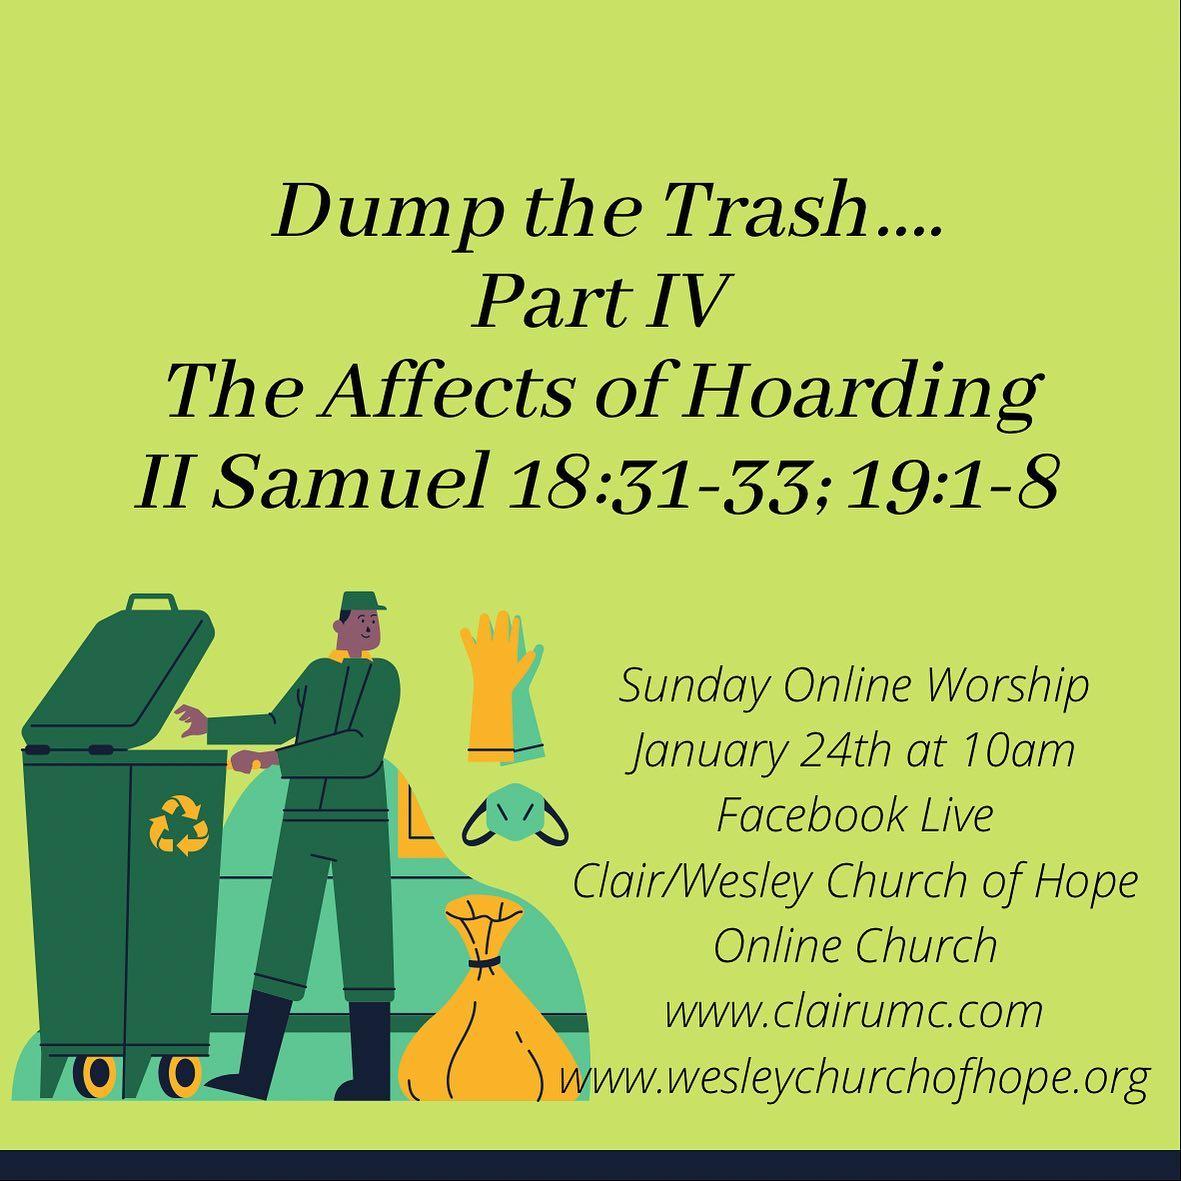 Dump the Trash 4